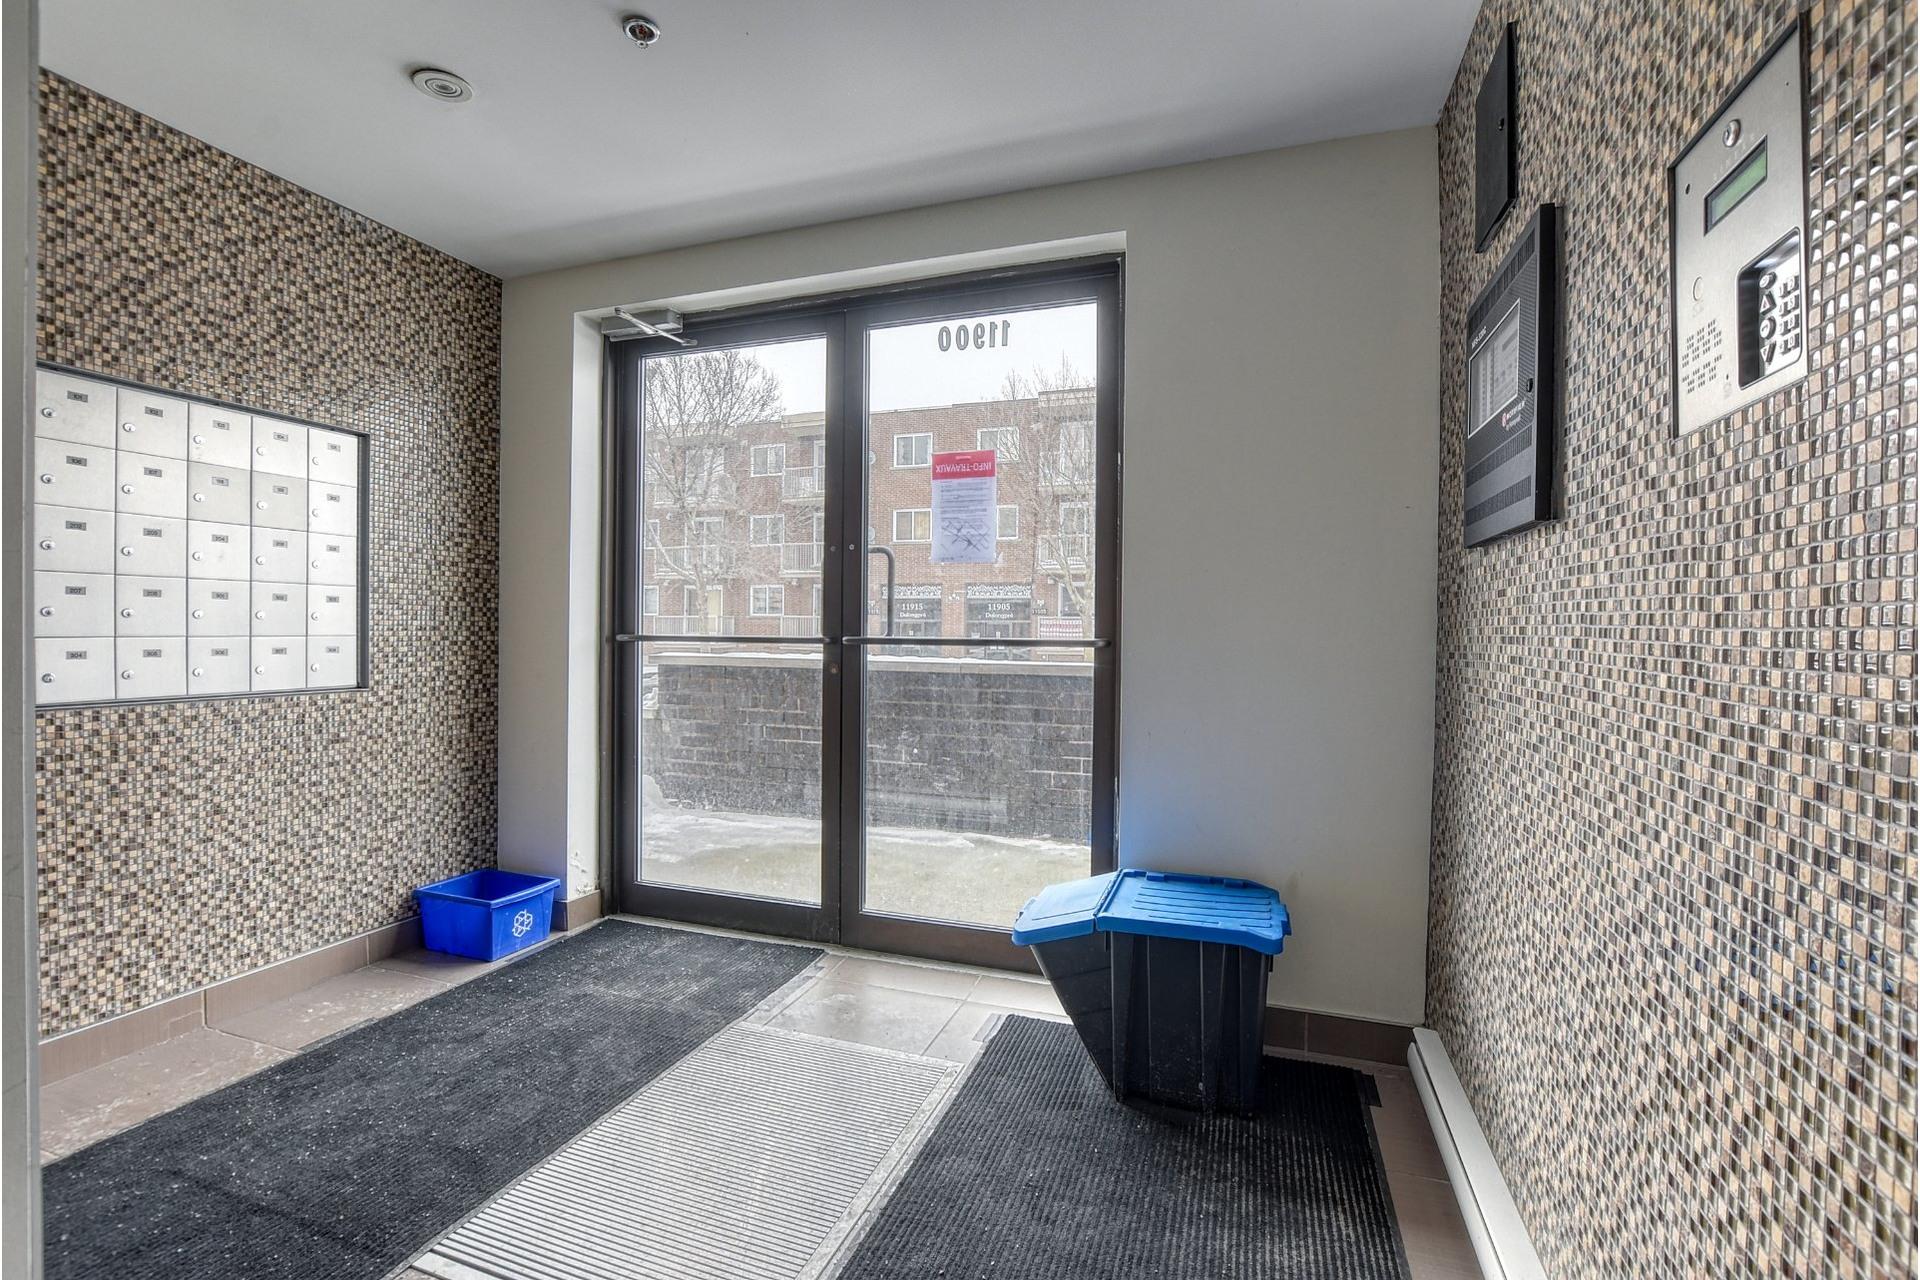 image 16 - Apartment For sale Ahuntsic-Cartierville Montréal  - 4 rooms